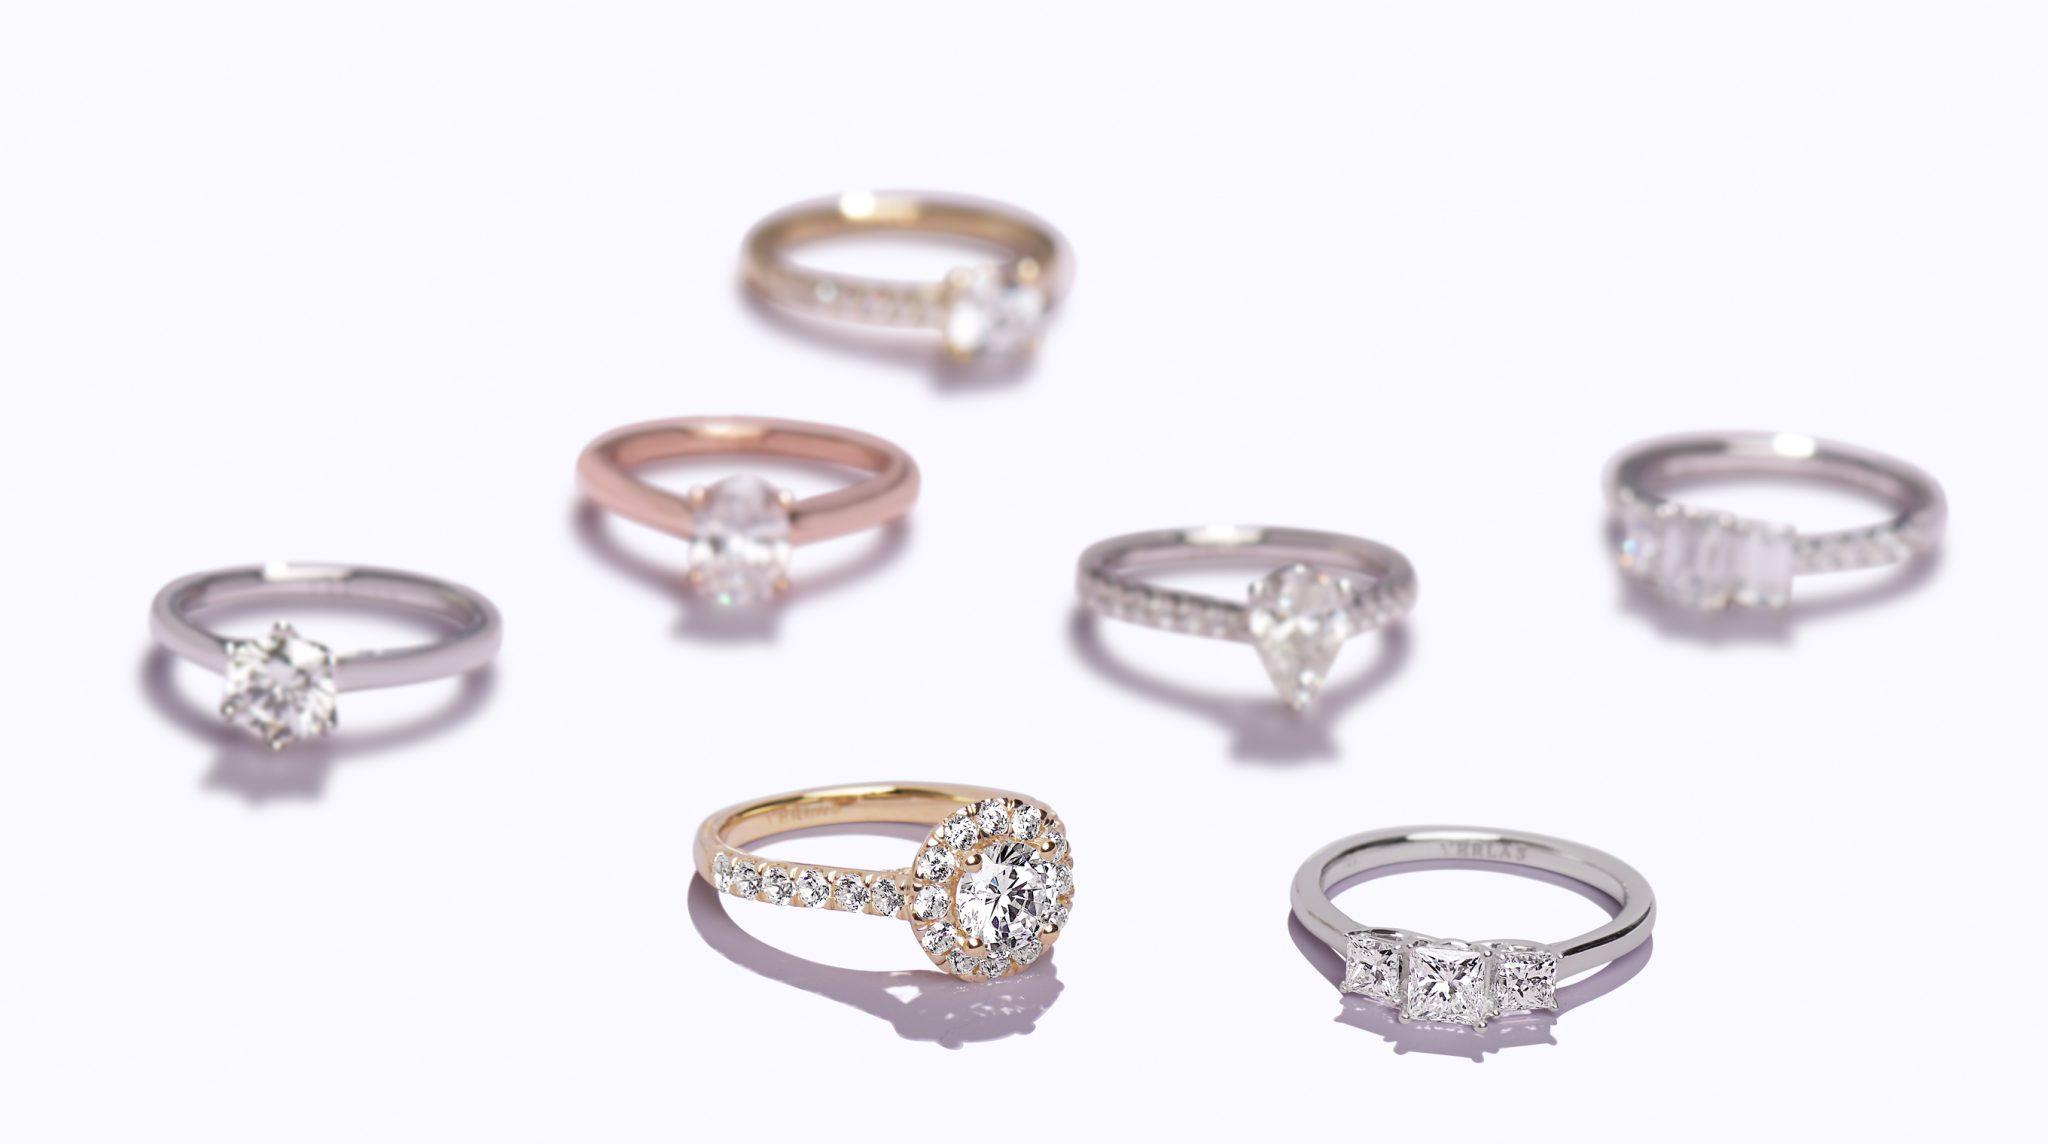 Engagement & Anniversary